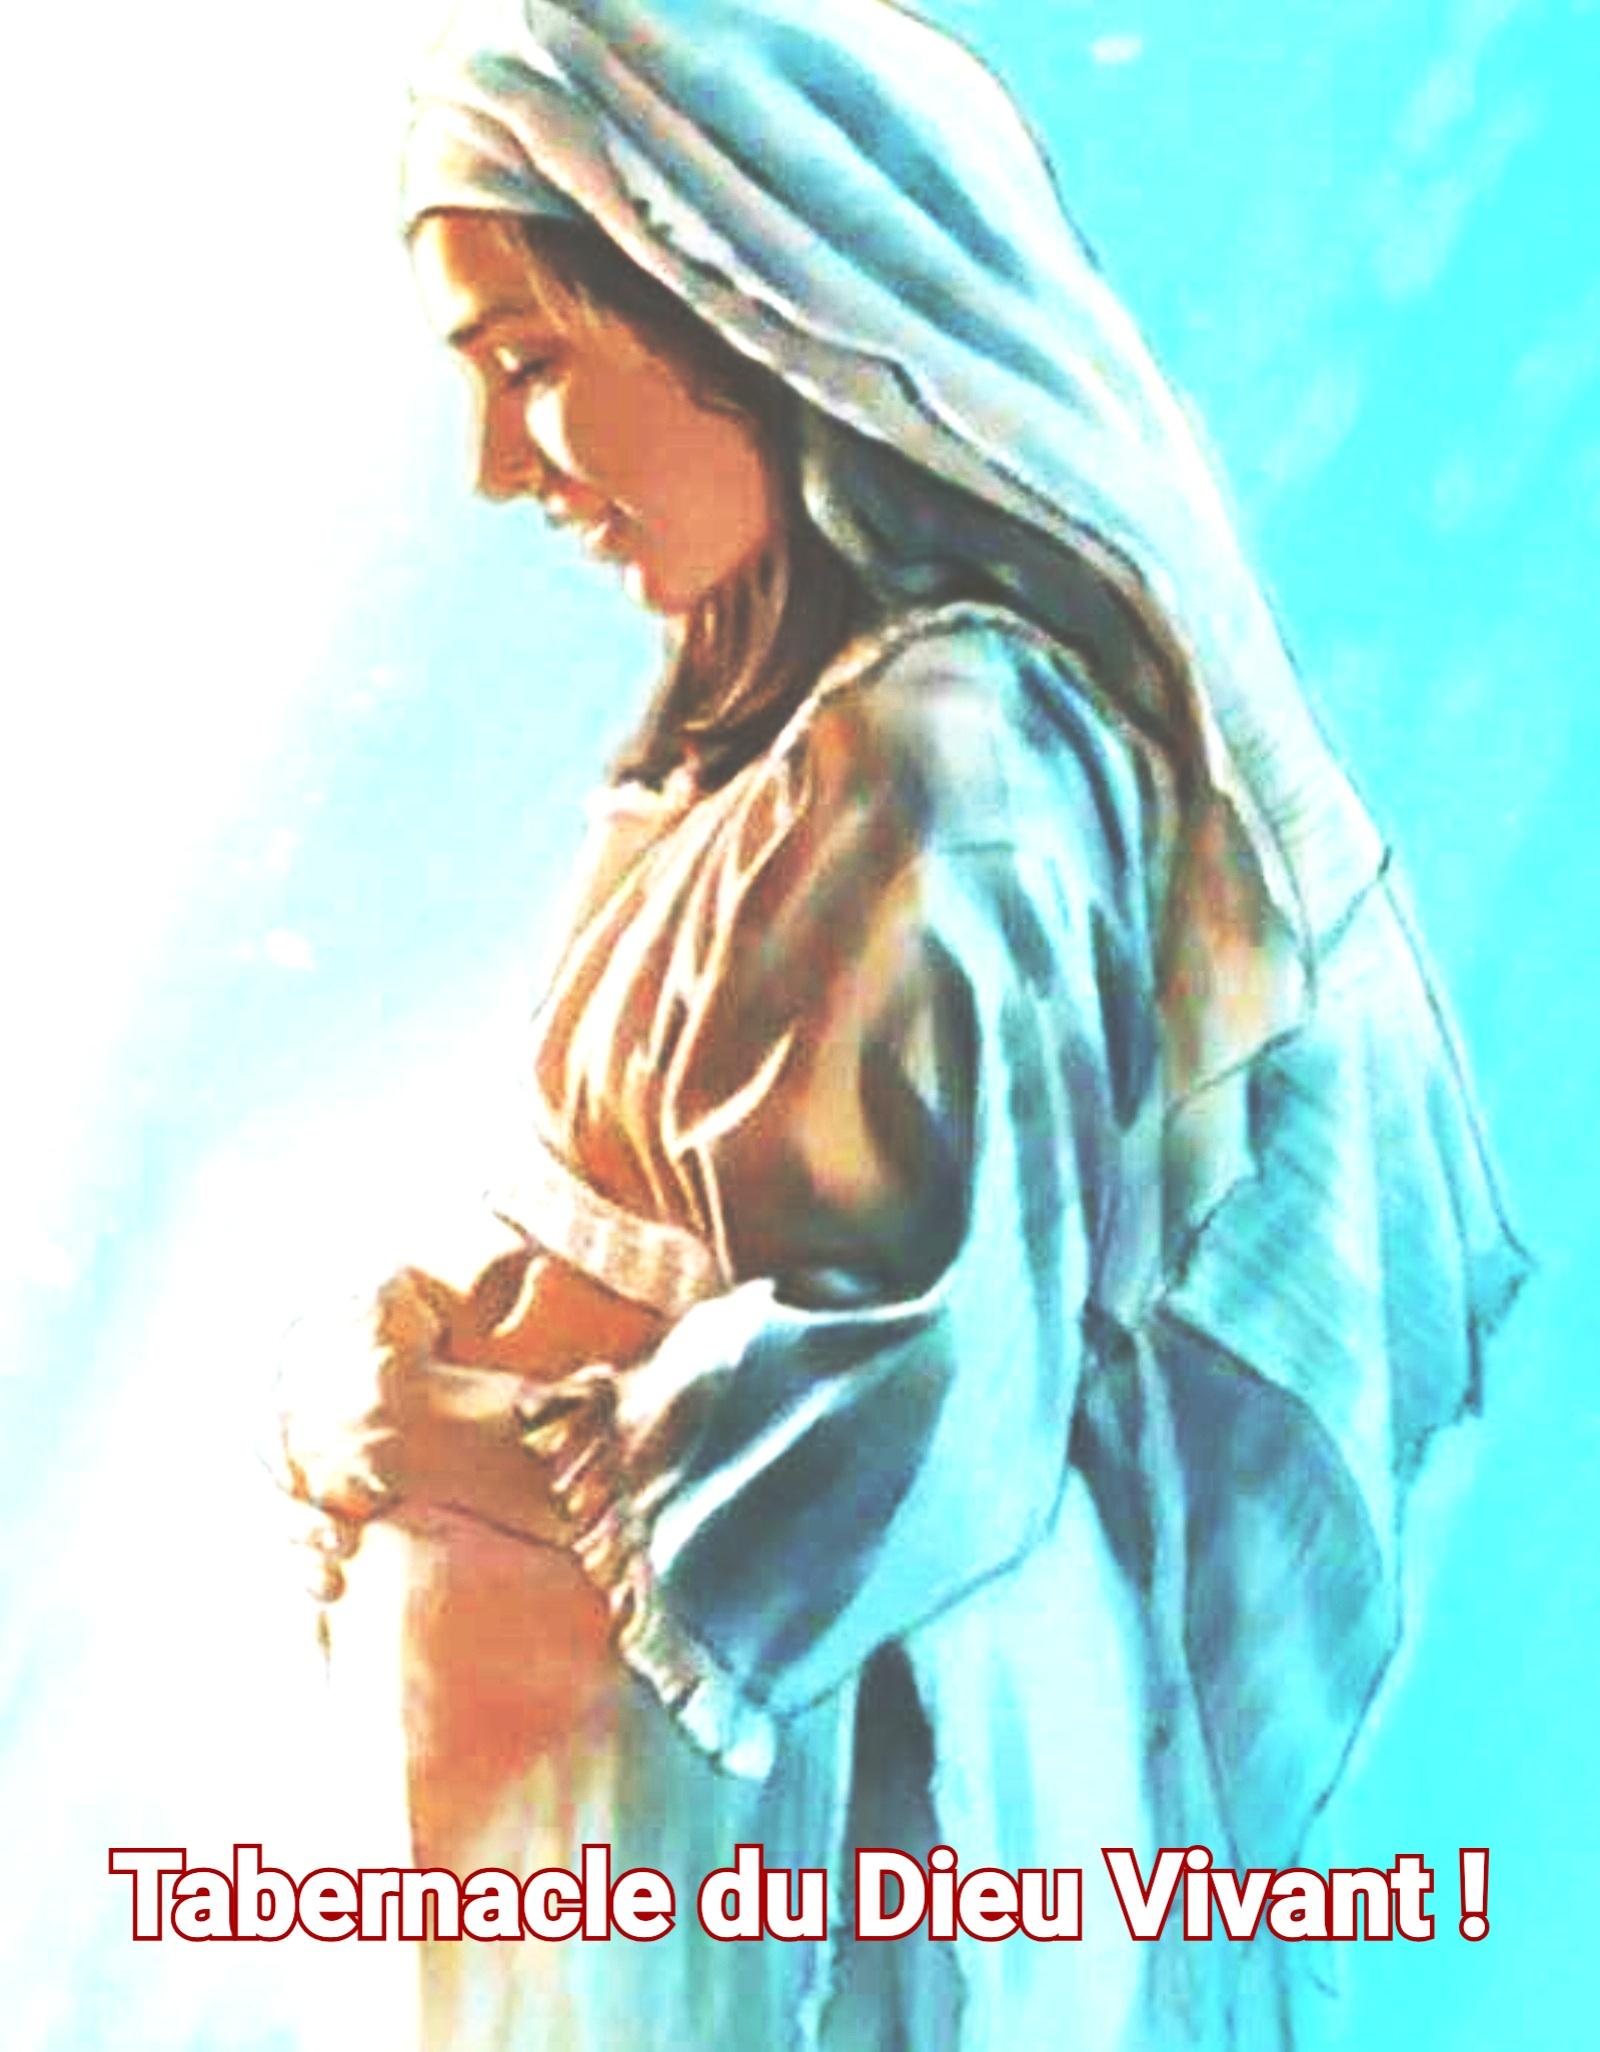 12 - Réjouis-Toi Marie, Tabernacle du Dieu Vivant ! - Jésus par Marie